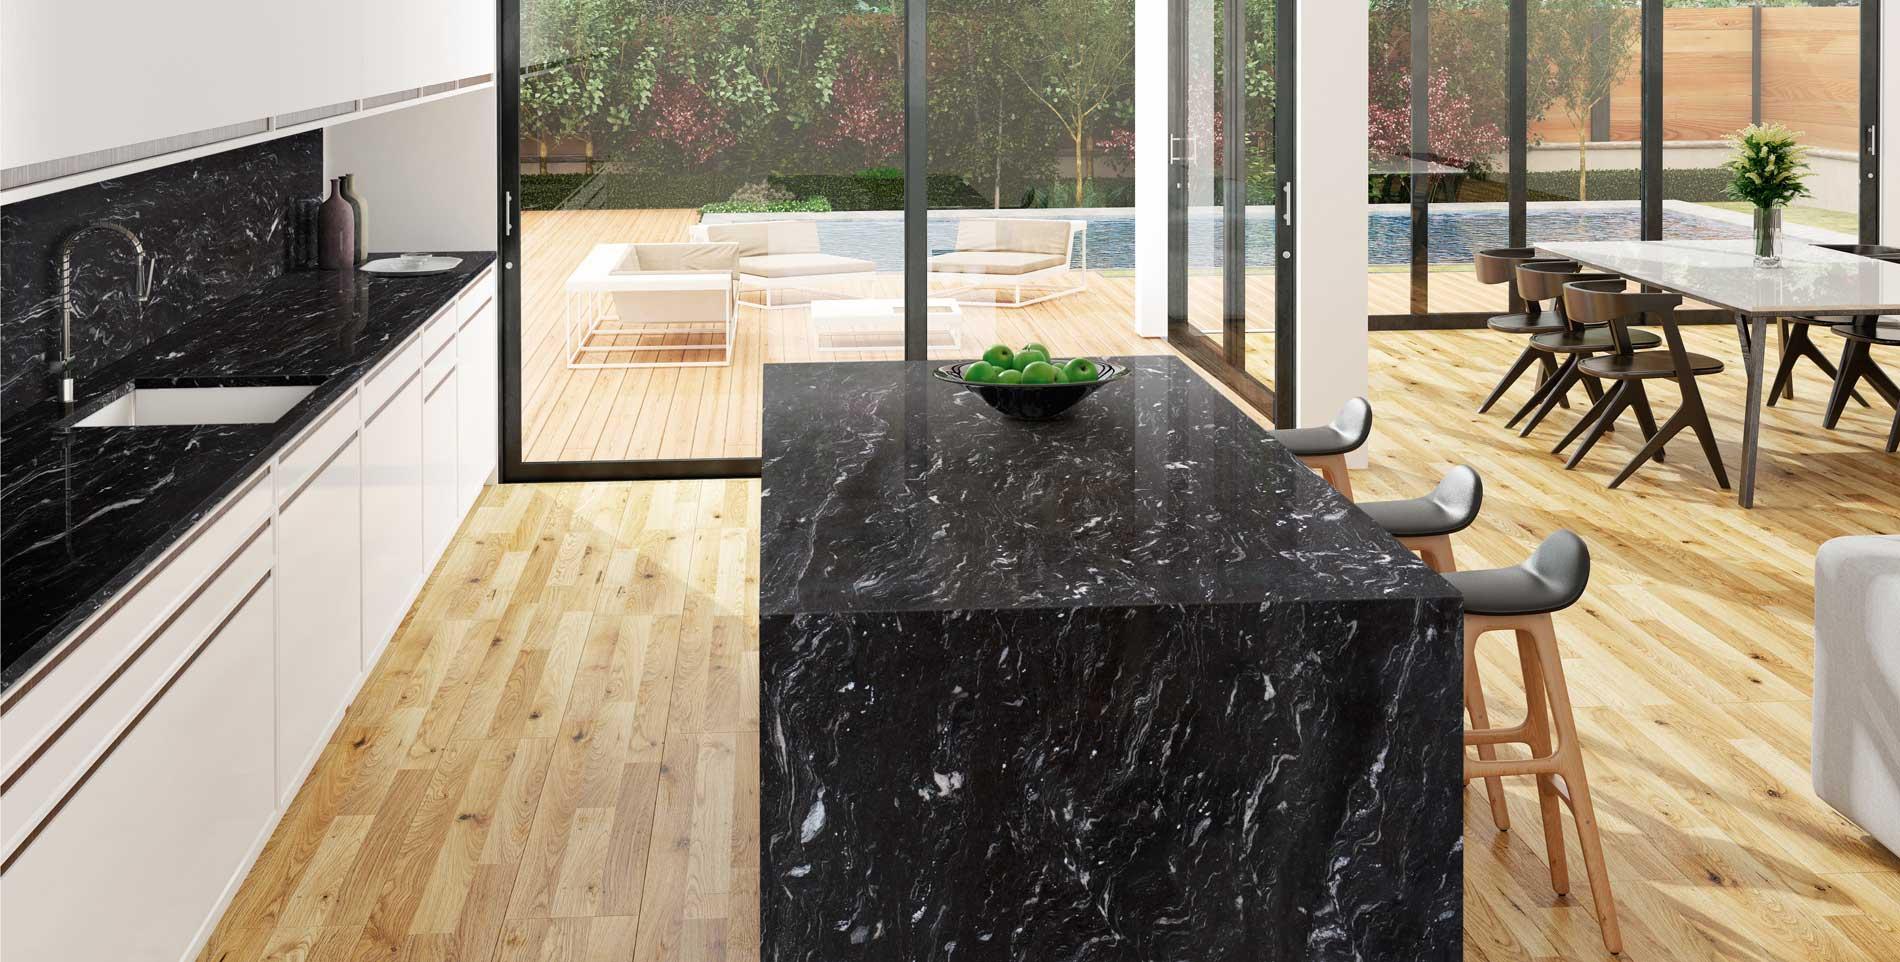 Por qu decantarse por una encimera de granito o m rmol negro - Granito y marmol ...